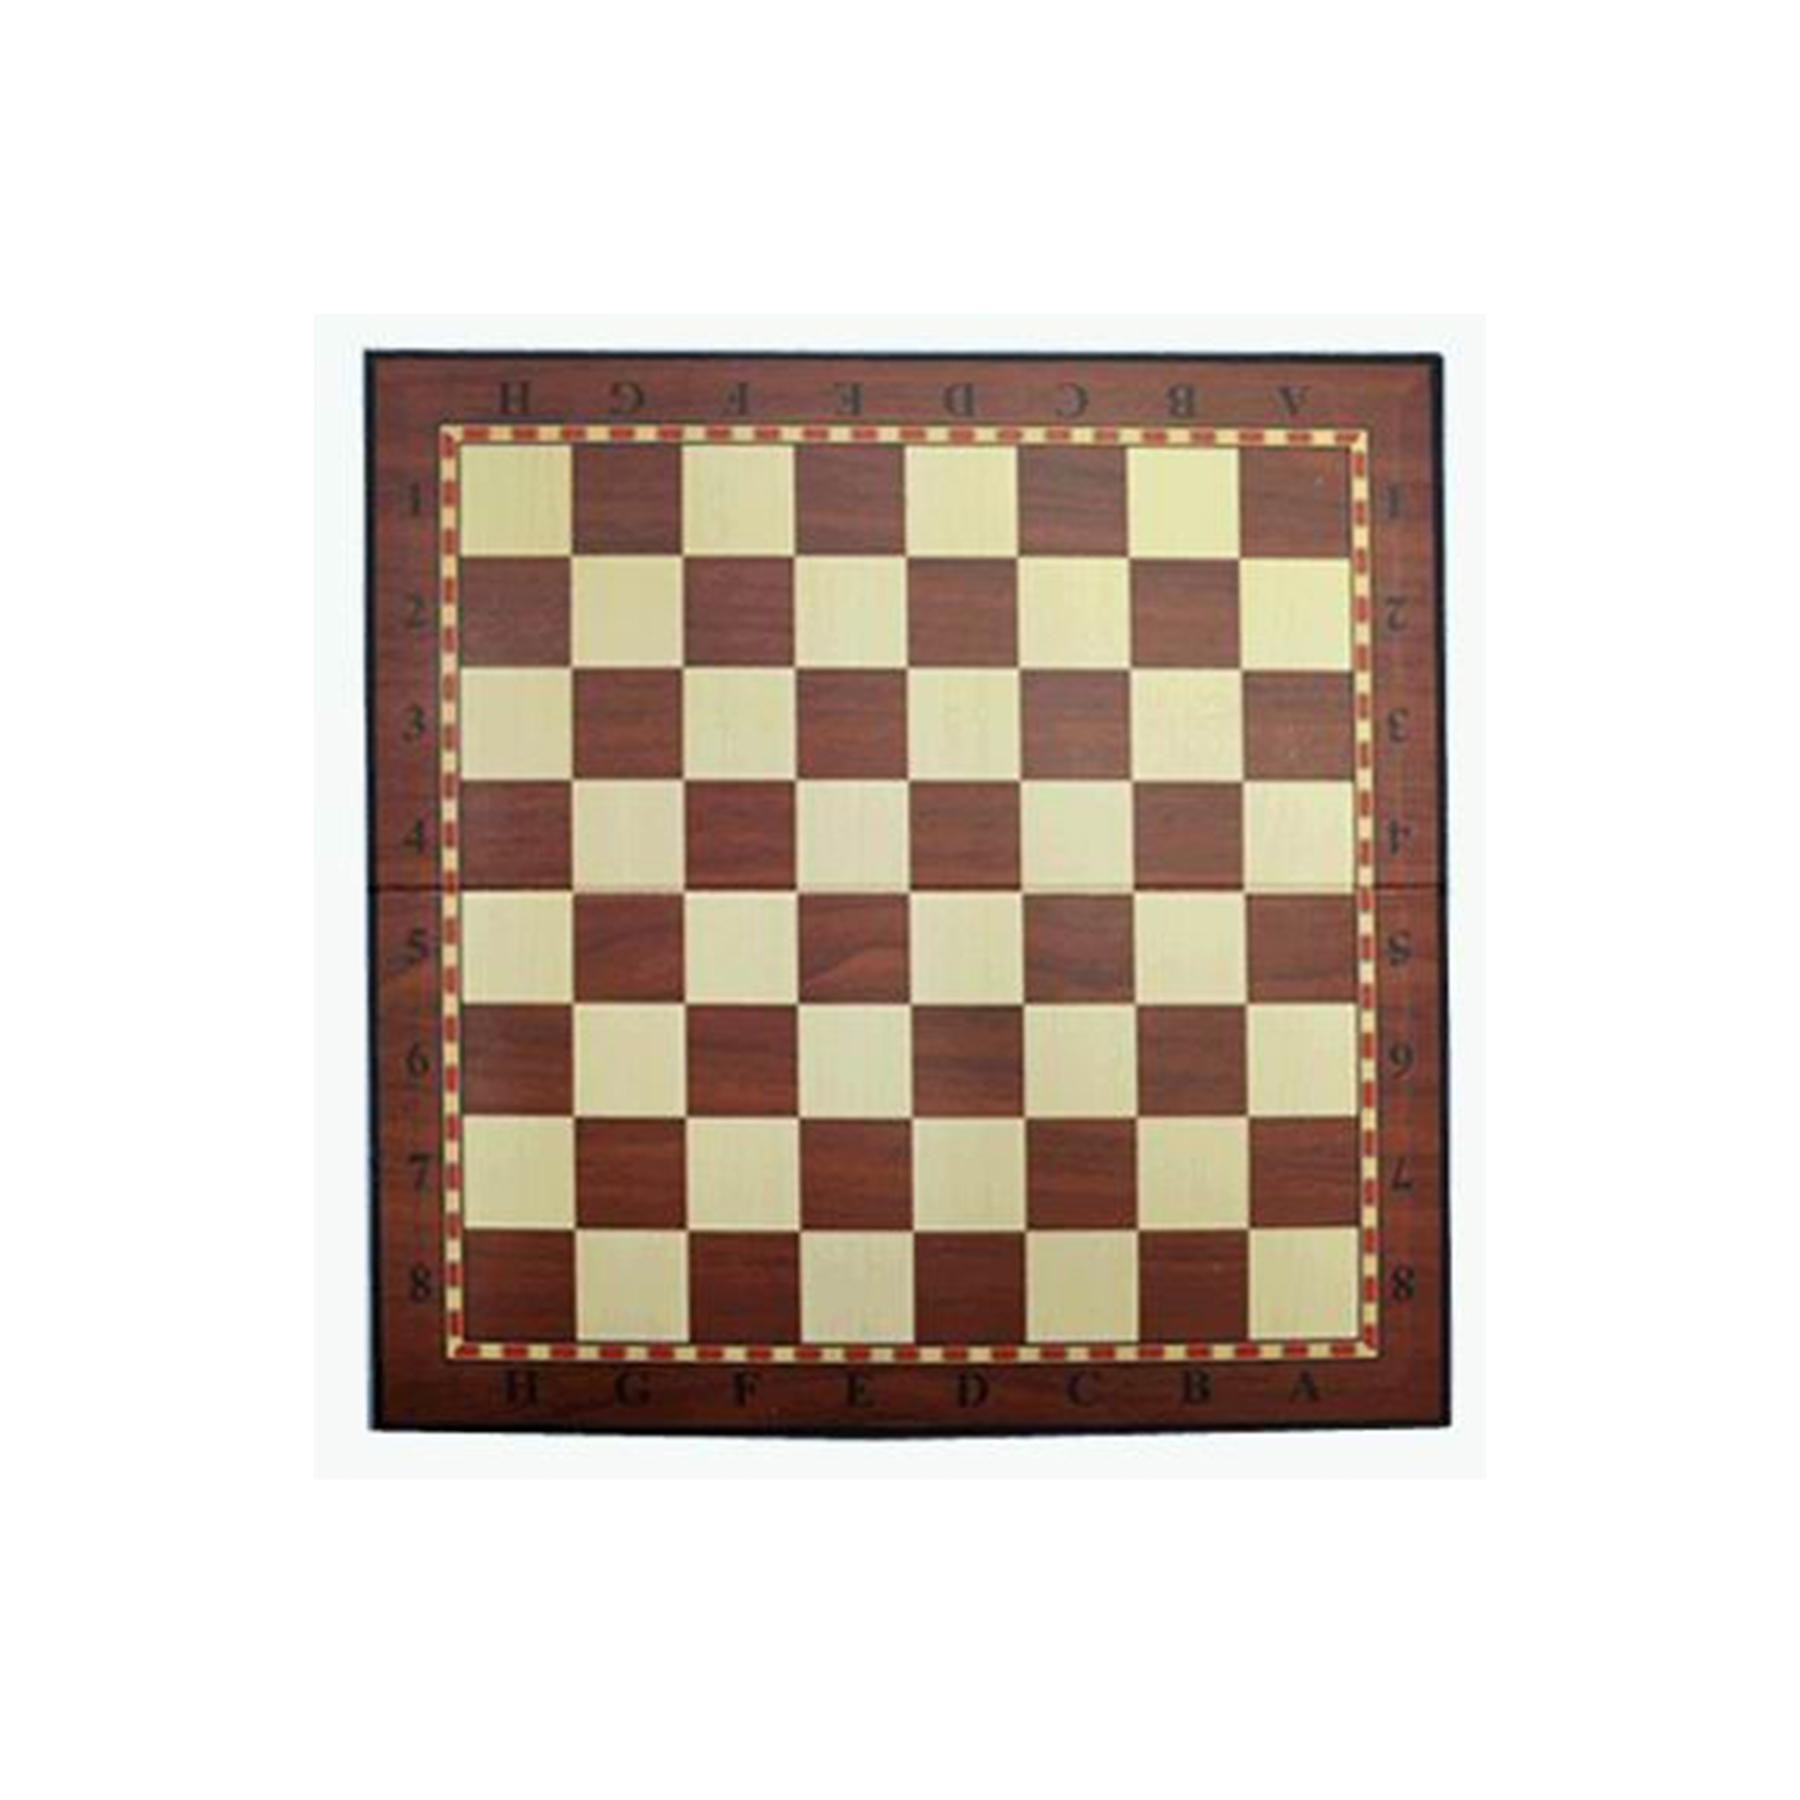 Доска картонная для игры в шахматы, шашки.Материал: картон.Размер 33х33 см.Q033(09278)